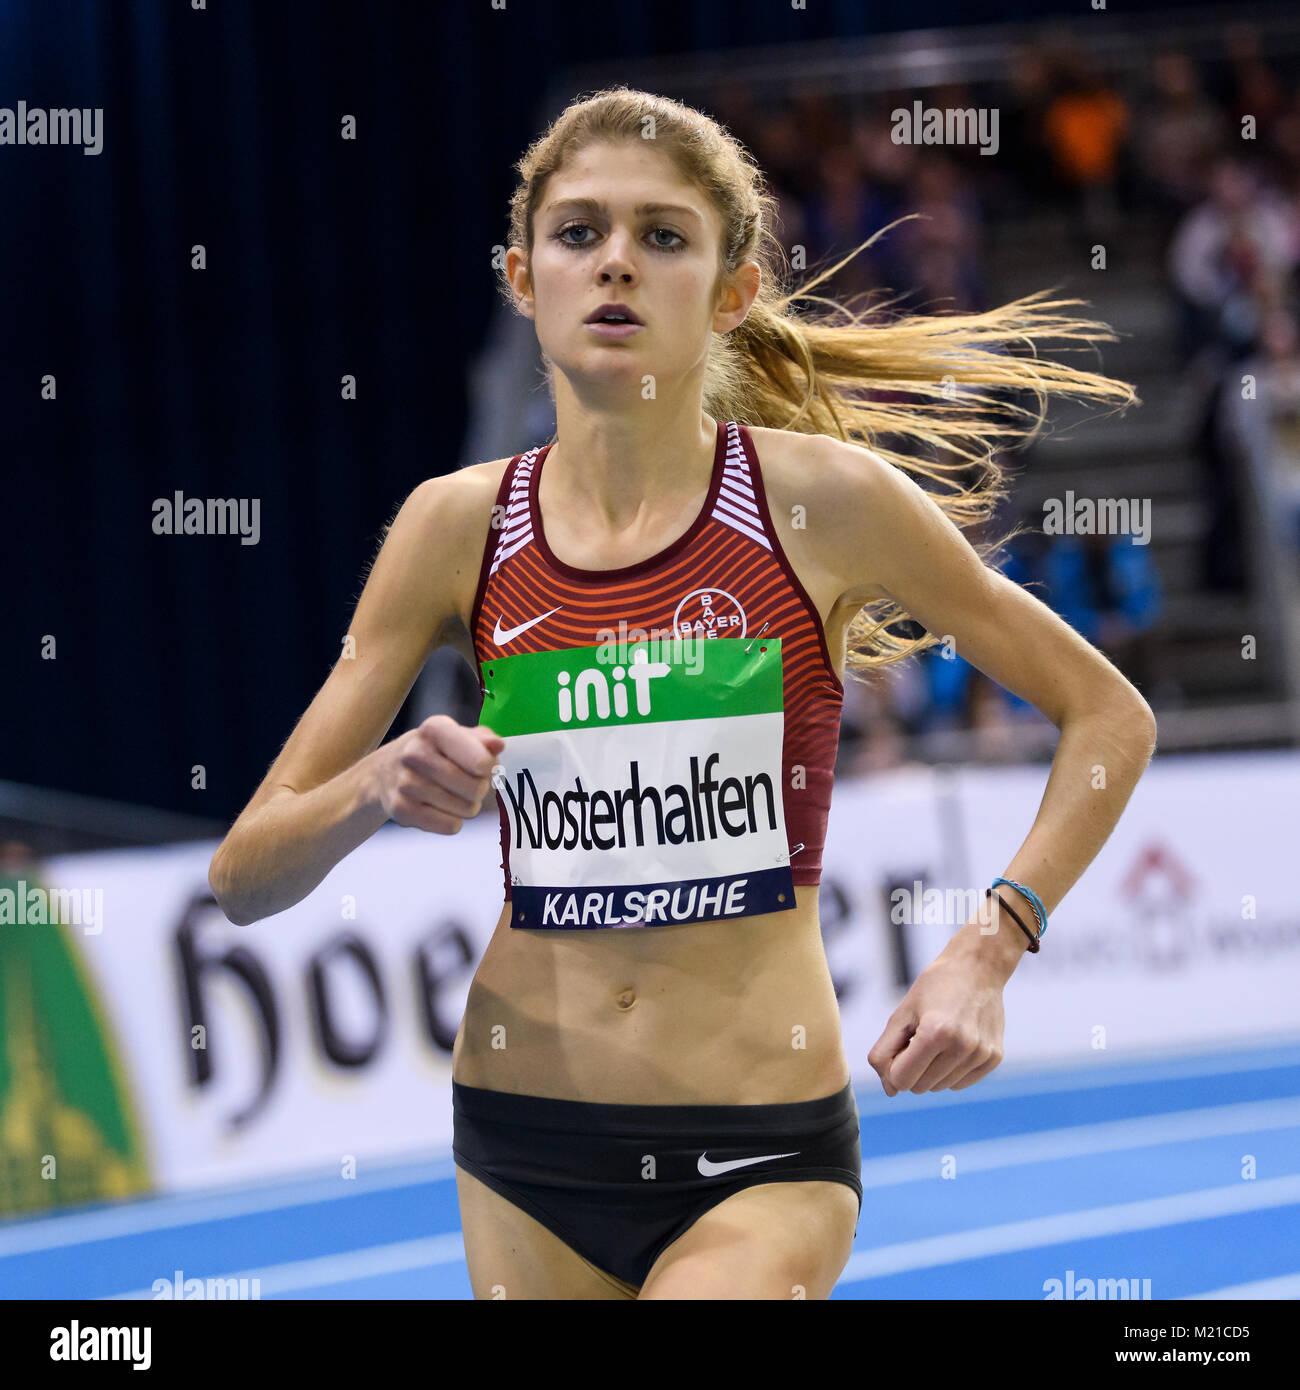 Karlsruhe, Deutschland. 03rd Feb, 2018. 1500m Frauen: Konstanze Klosterhlfen (GER). GES/ Leichtathletik/ Indoor - Stock Image